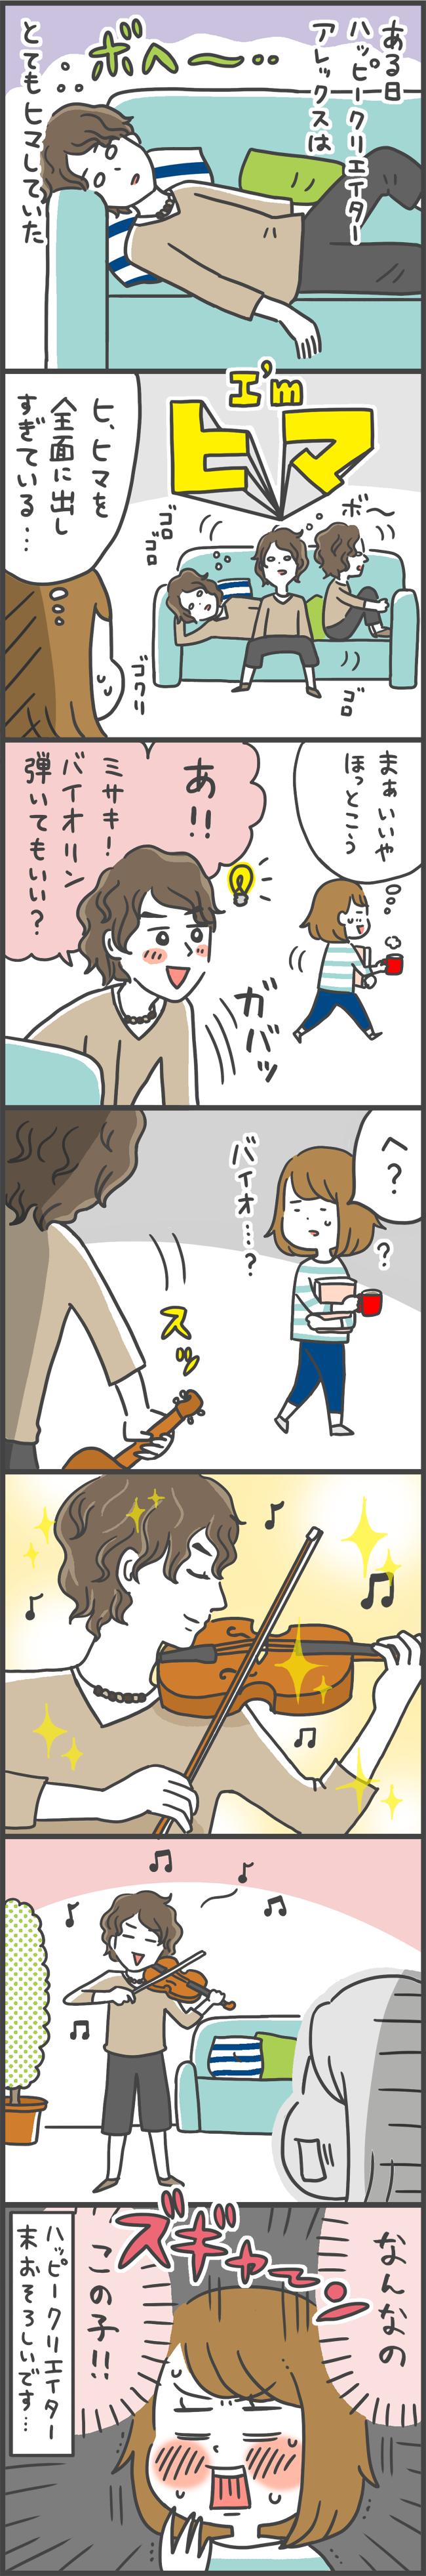 みさPさん・あきばさんのWebマンガ第13回